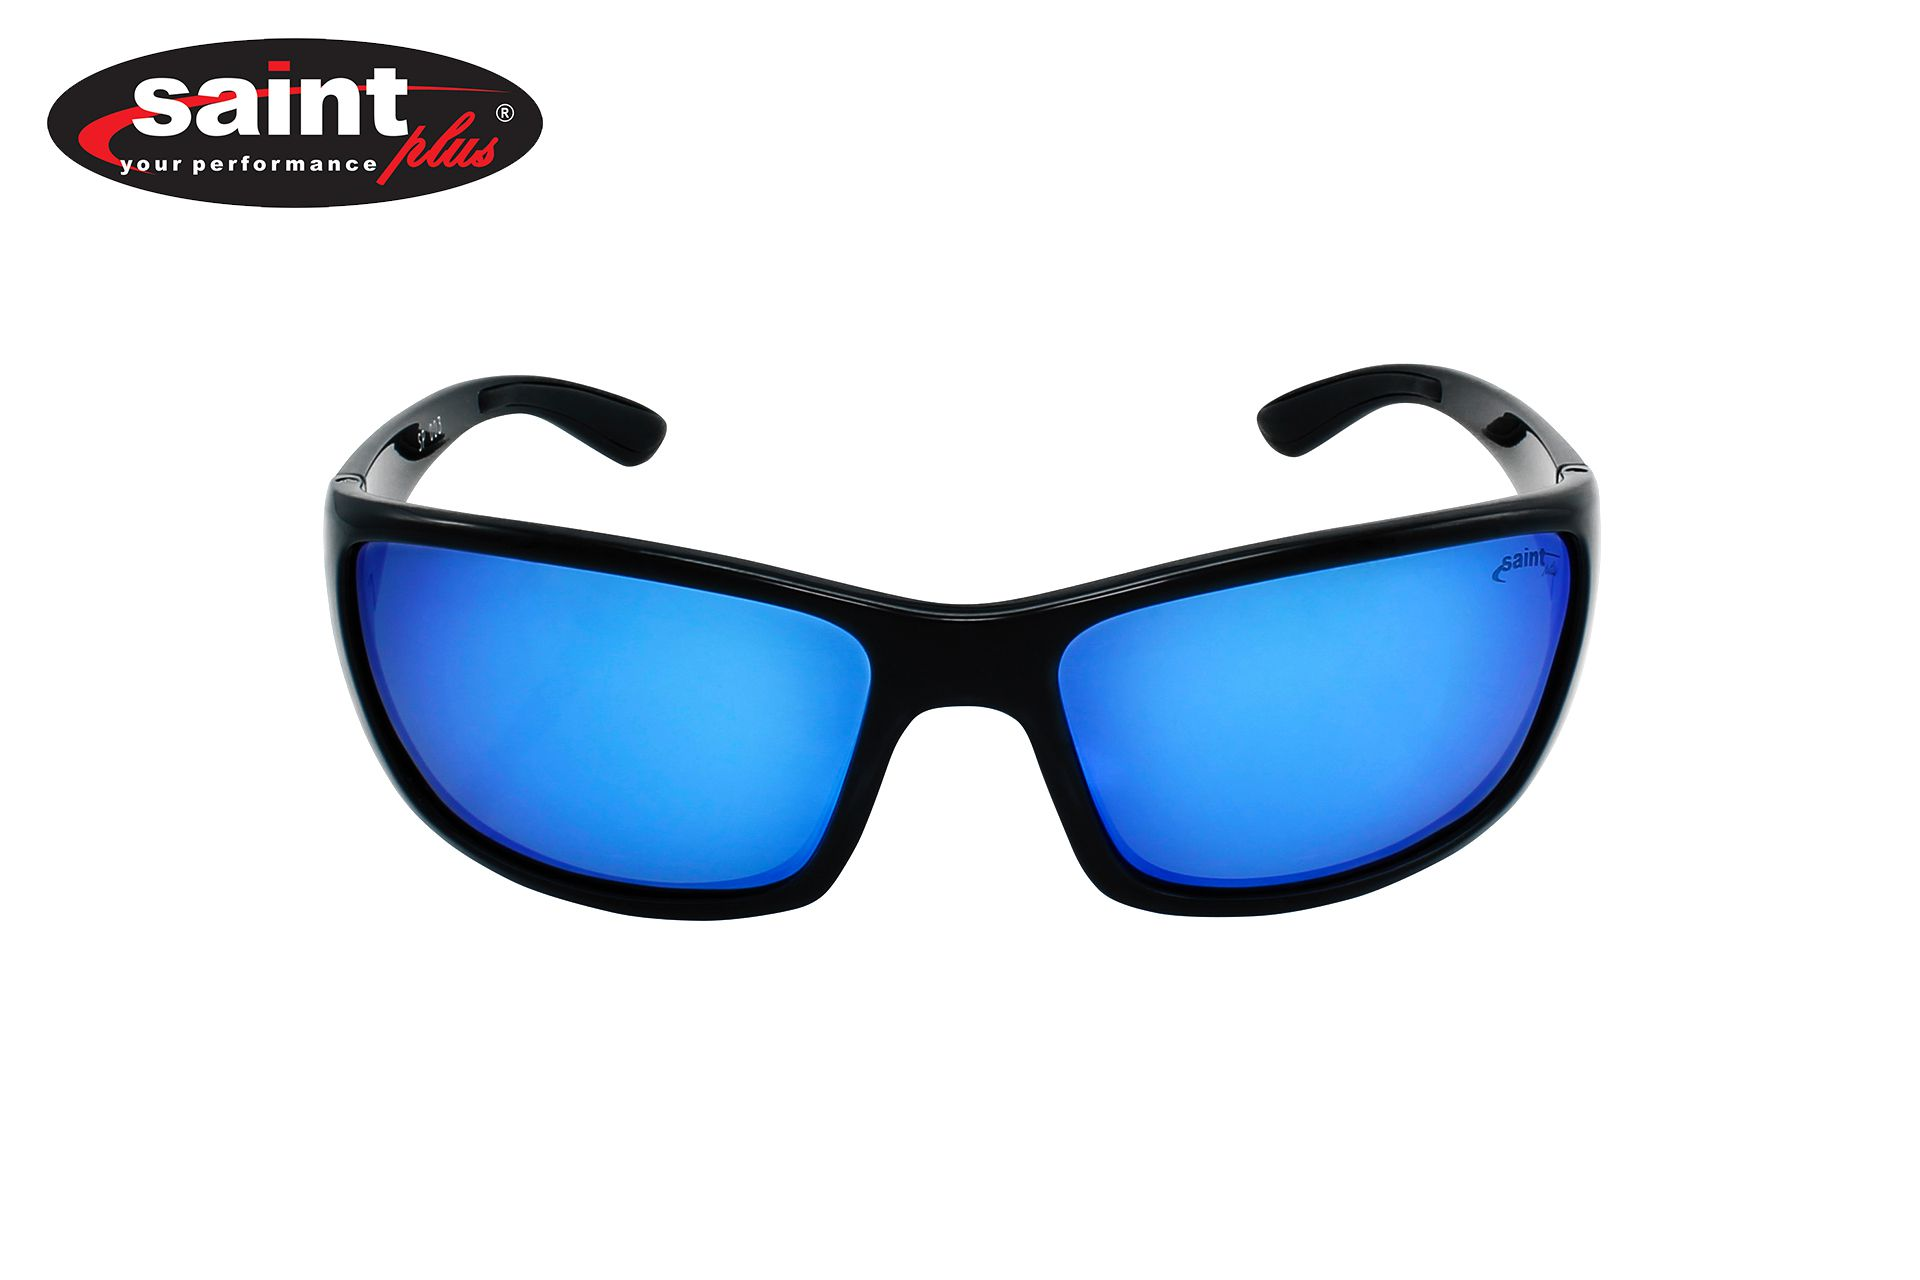 18ca17c58 Óculos Polarizado Saint 100% Proteção Uv - Cannon